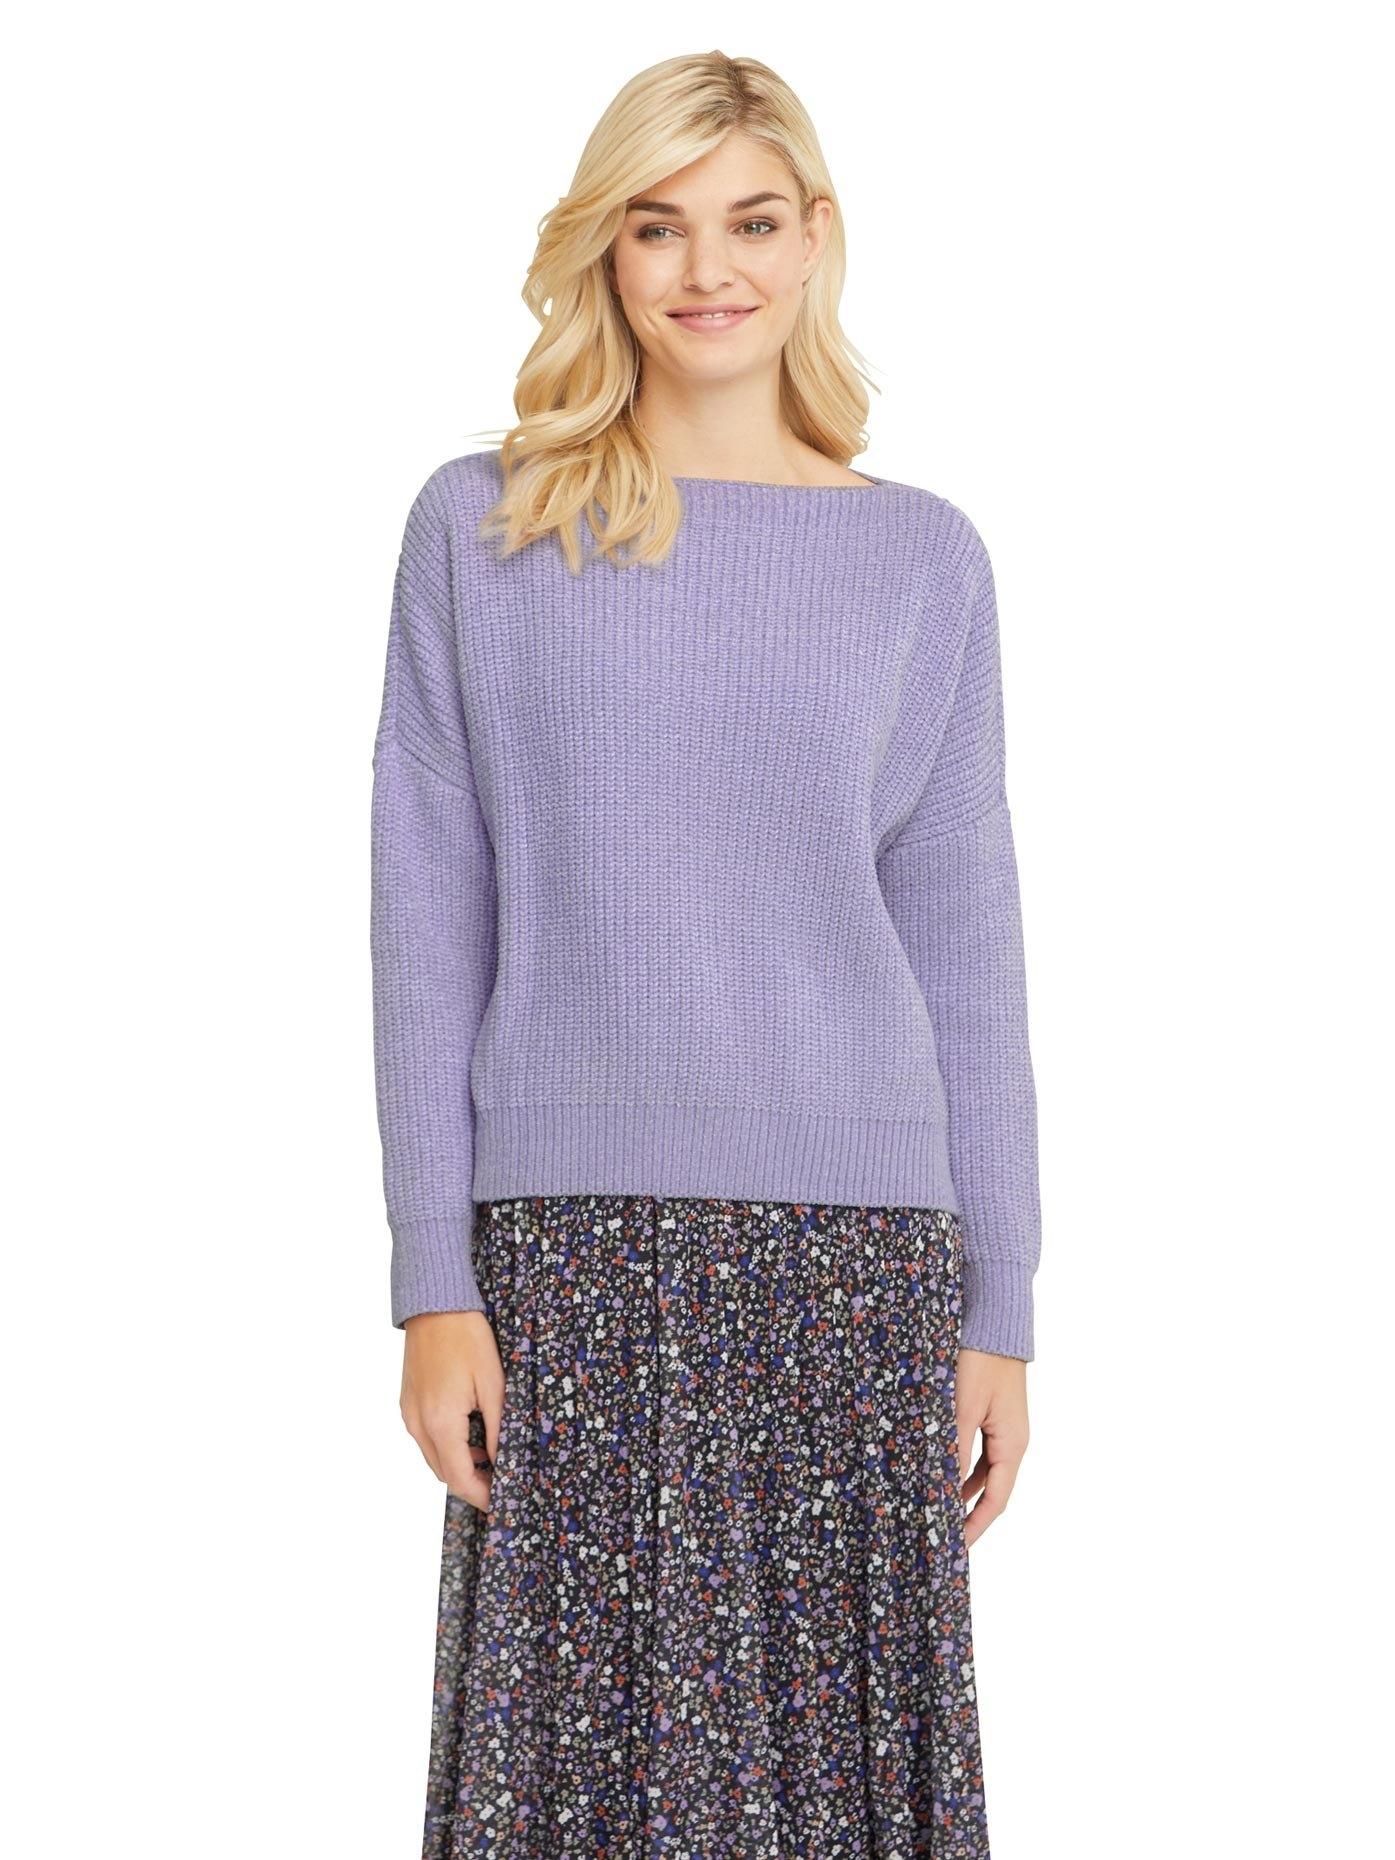 LINEA TESINI by Heine gebreide trui gemaakt van fluweelzacht chenillegaren online kopen op otto.nl